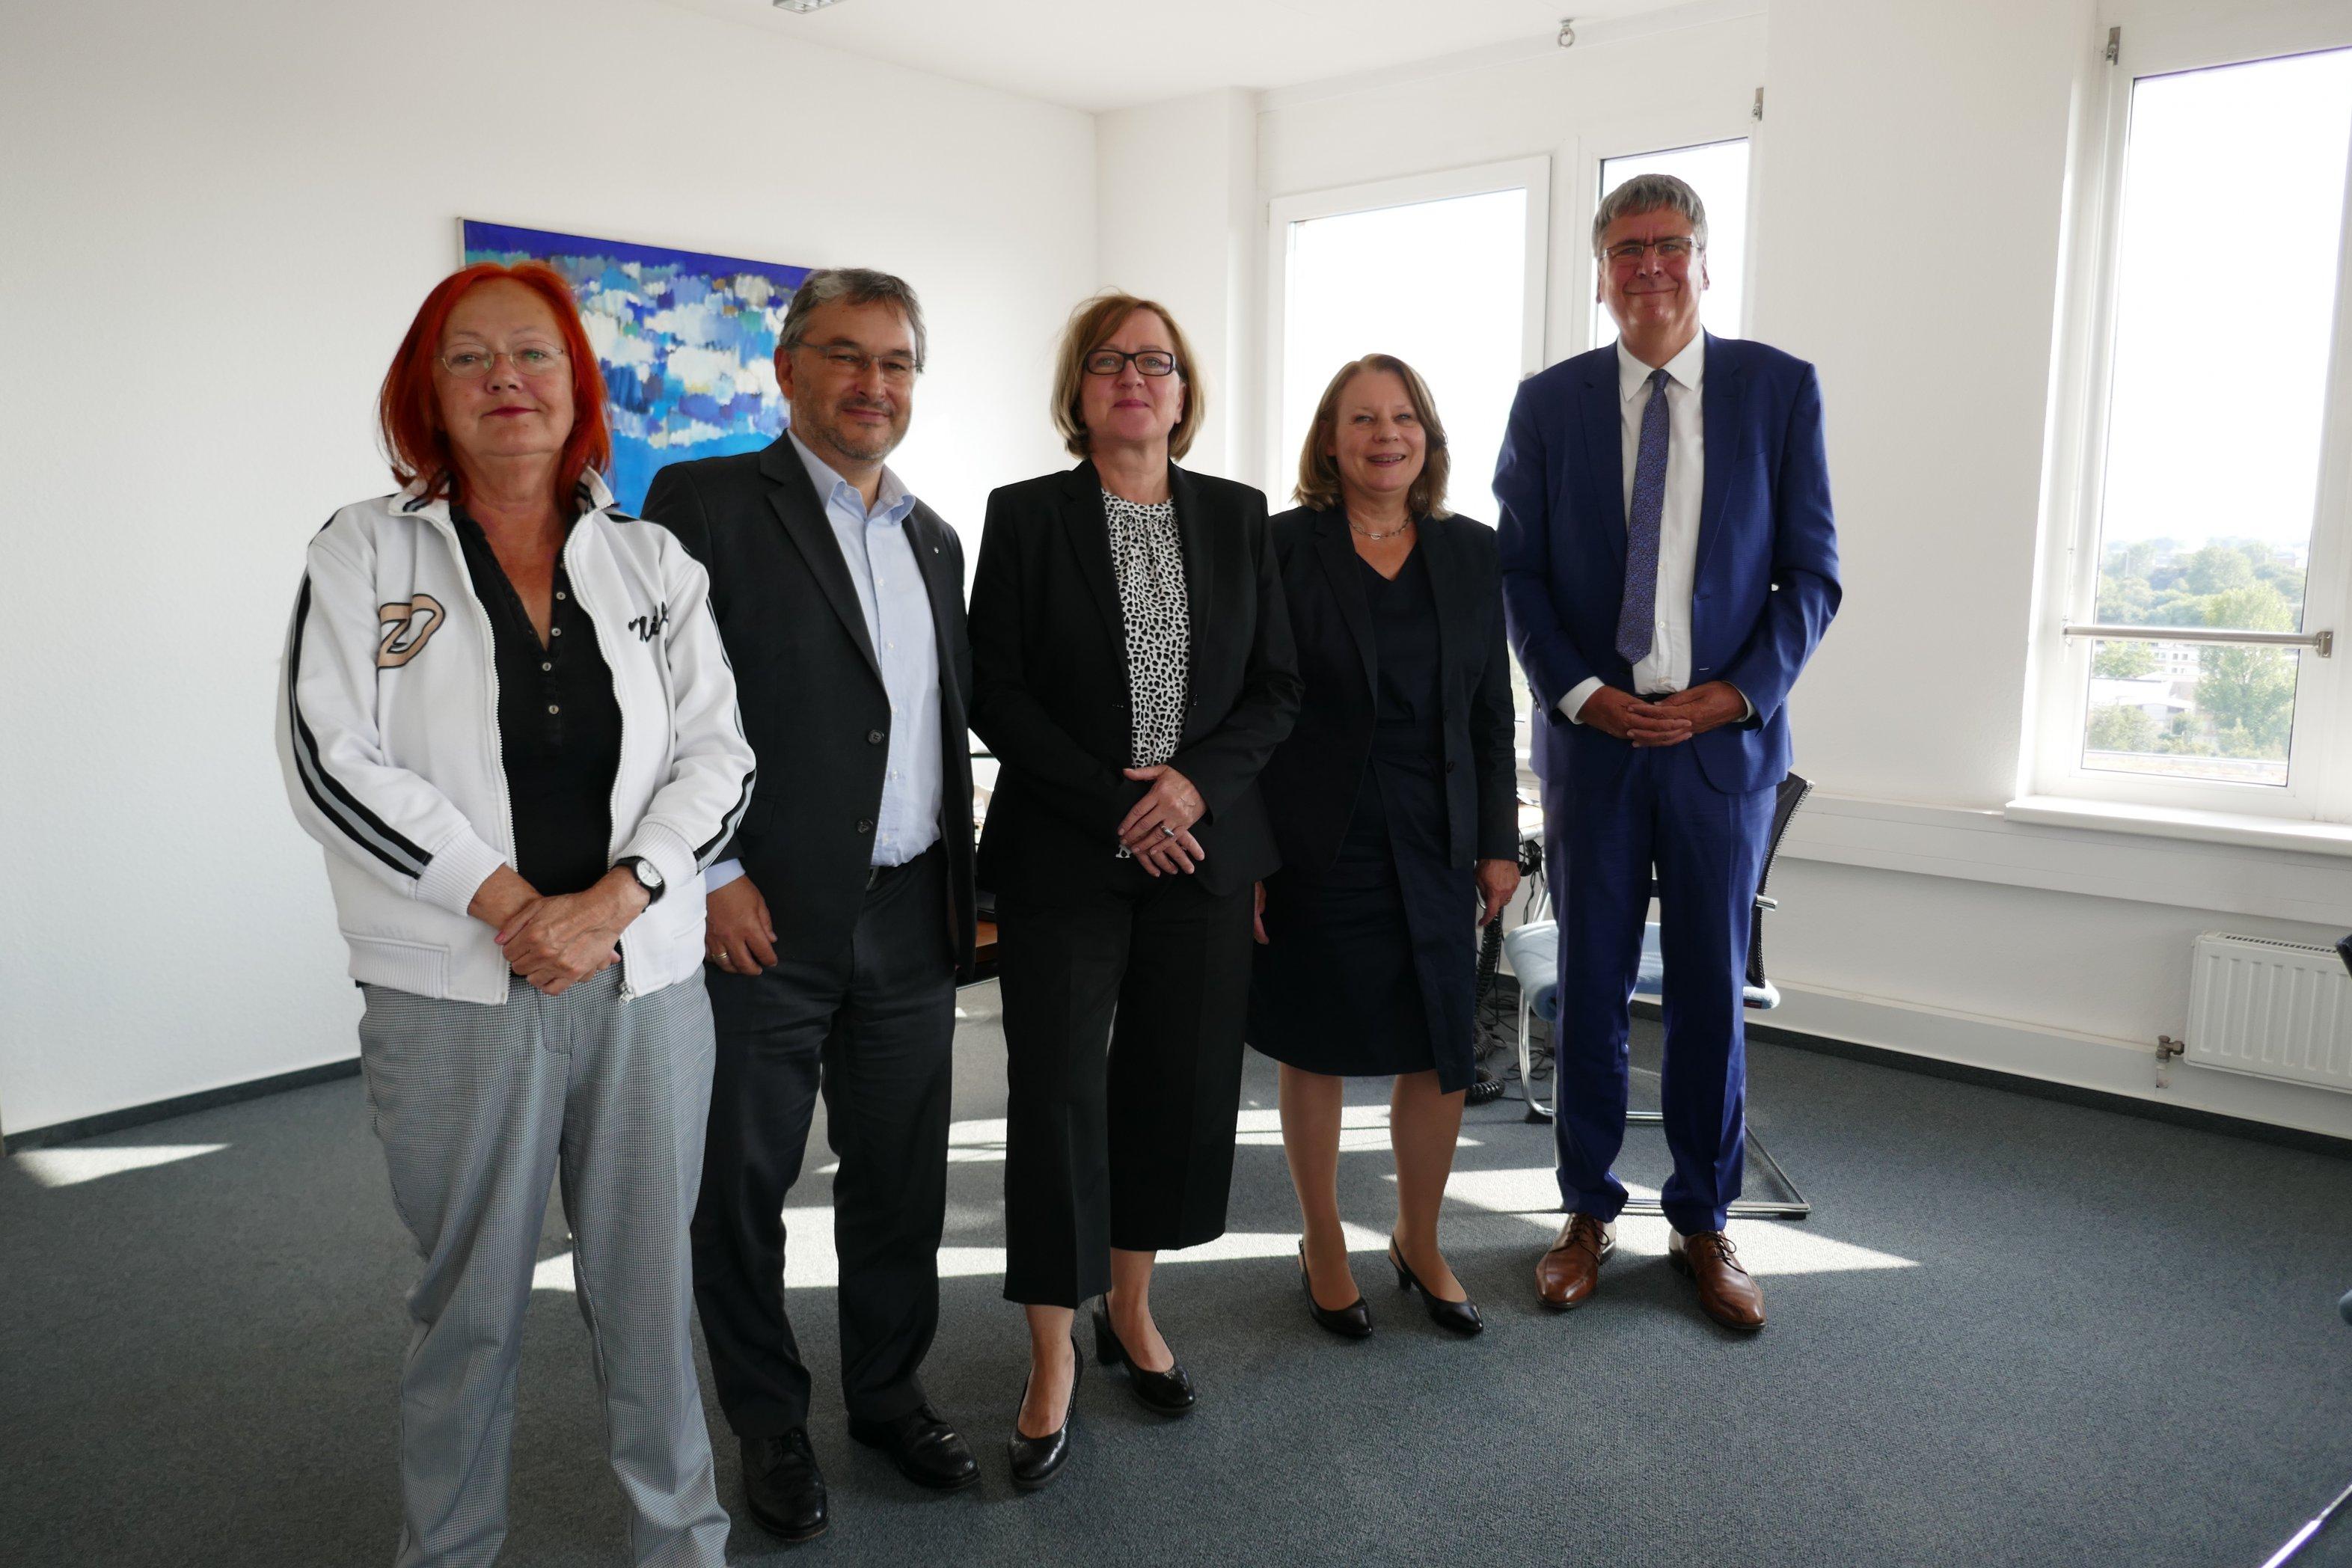 Gruppenfoto mit Hamburgs Gesundheitssenatorin Prüfer-Storcks (SPD)